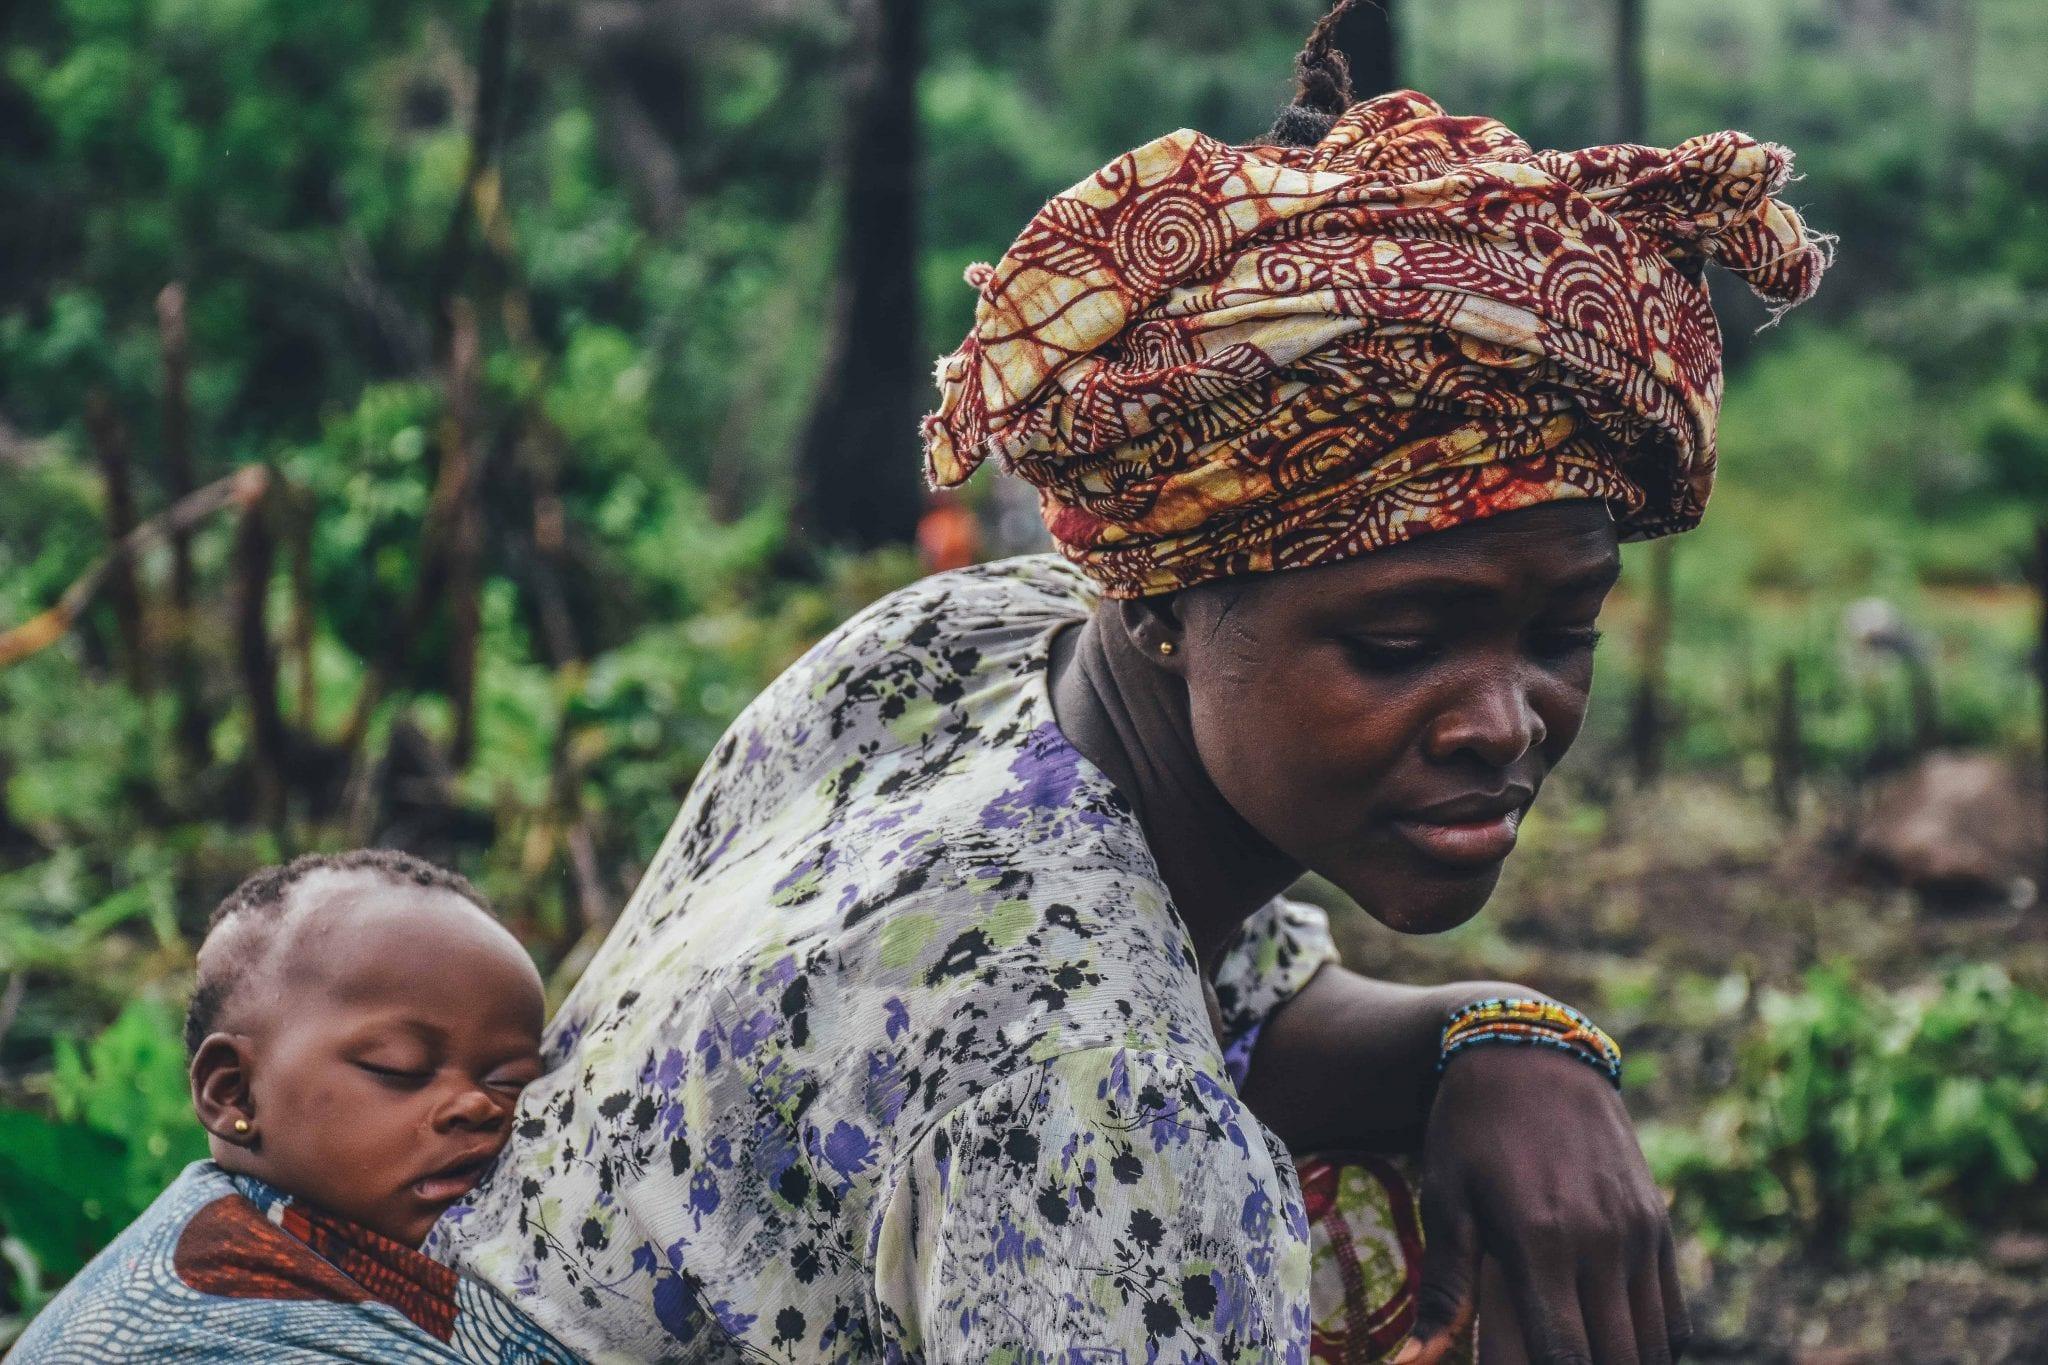 7 Helpful Travel Safety Tips to Empower Women Evangelists